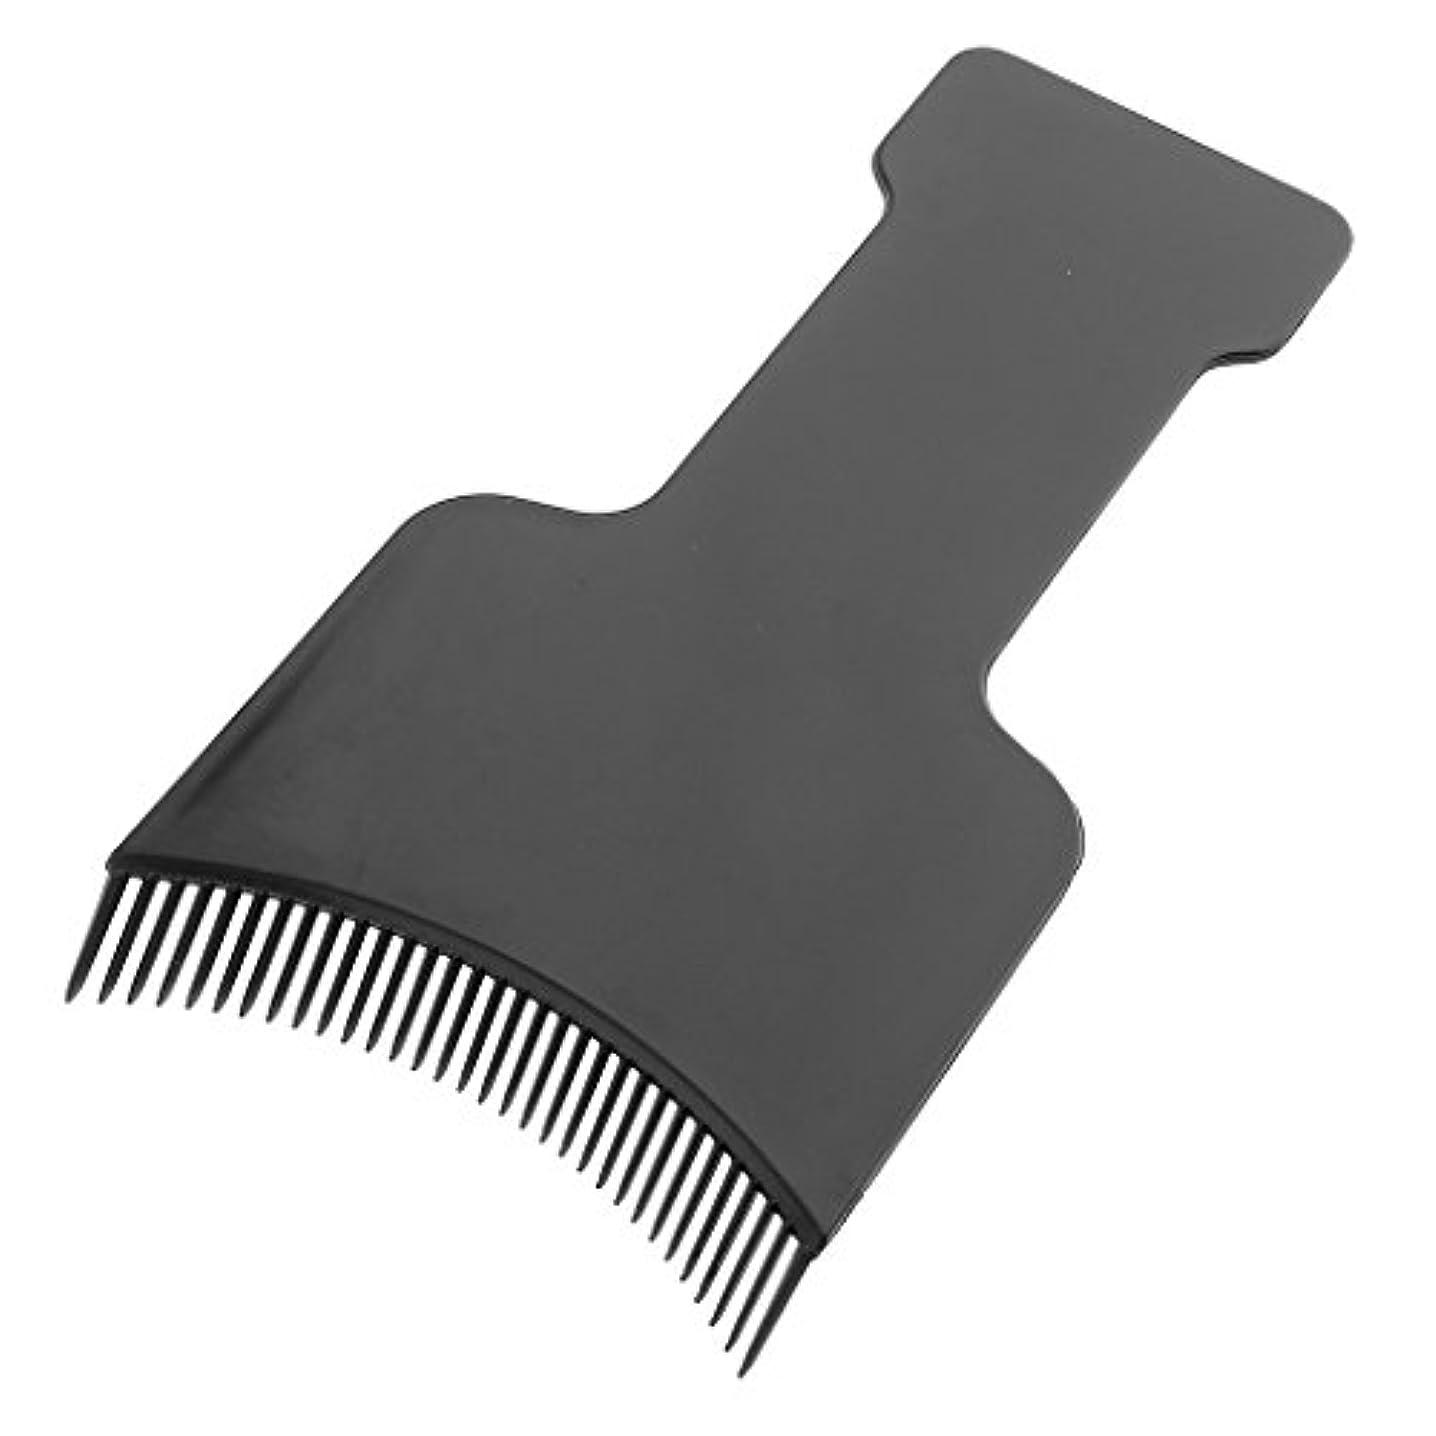 花束本会議うなり声ヘアカラーボード サロン ヘアカラー 美容 ヘア ツール 髪 保護 ブラック 全4サイズ - S